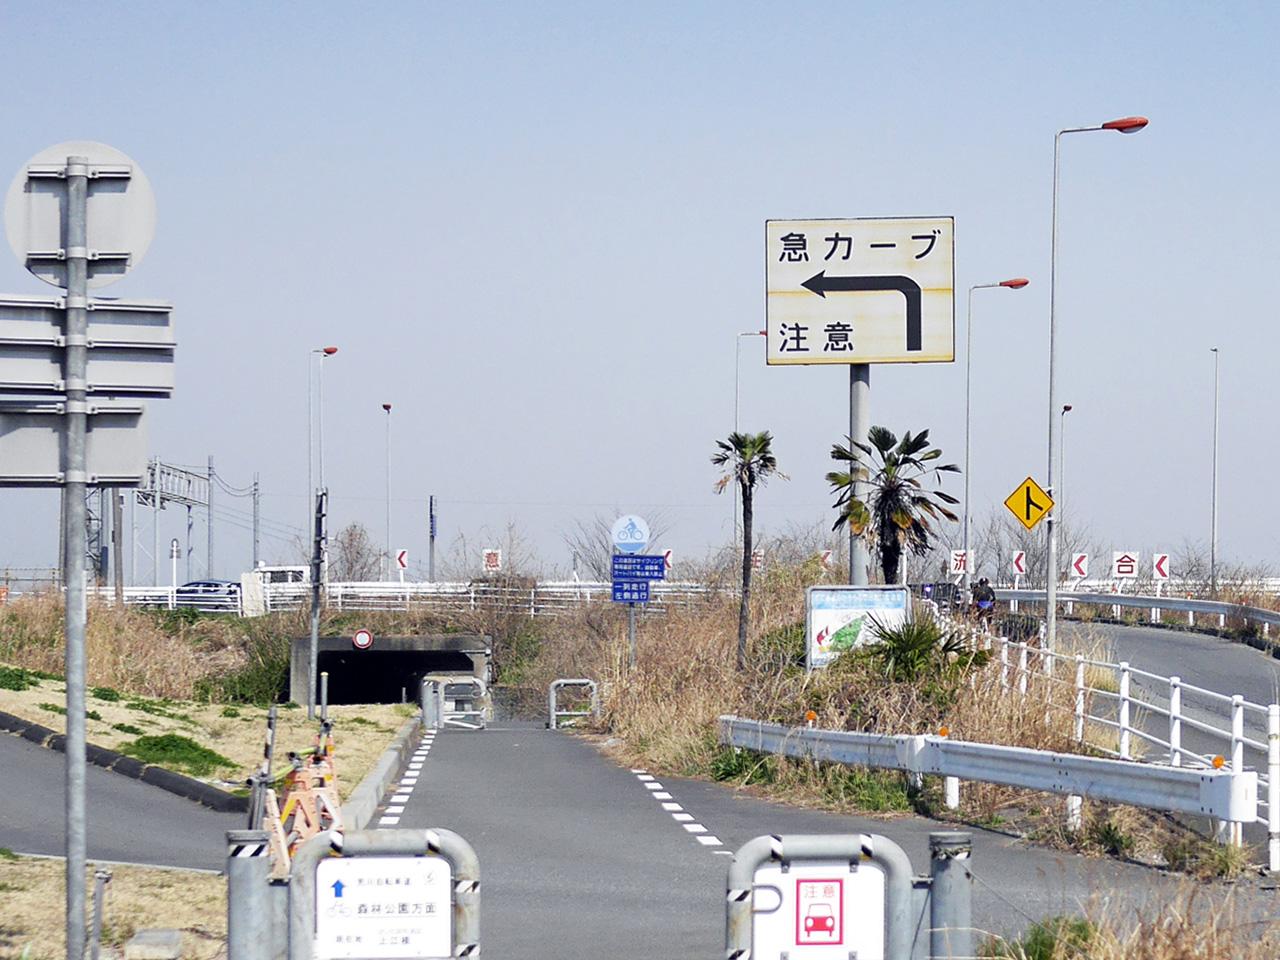 上江橋を潜るトンネルが通行可能になり走りやすくなった